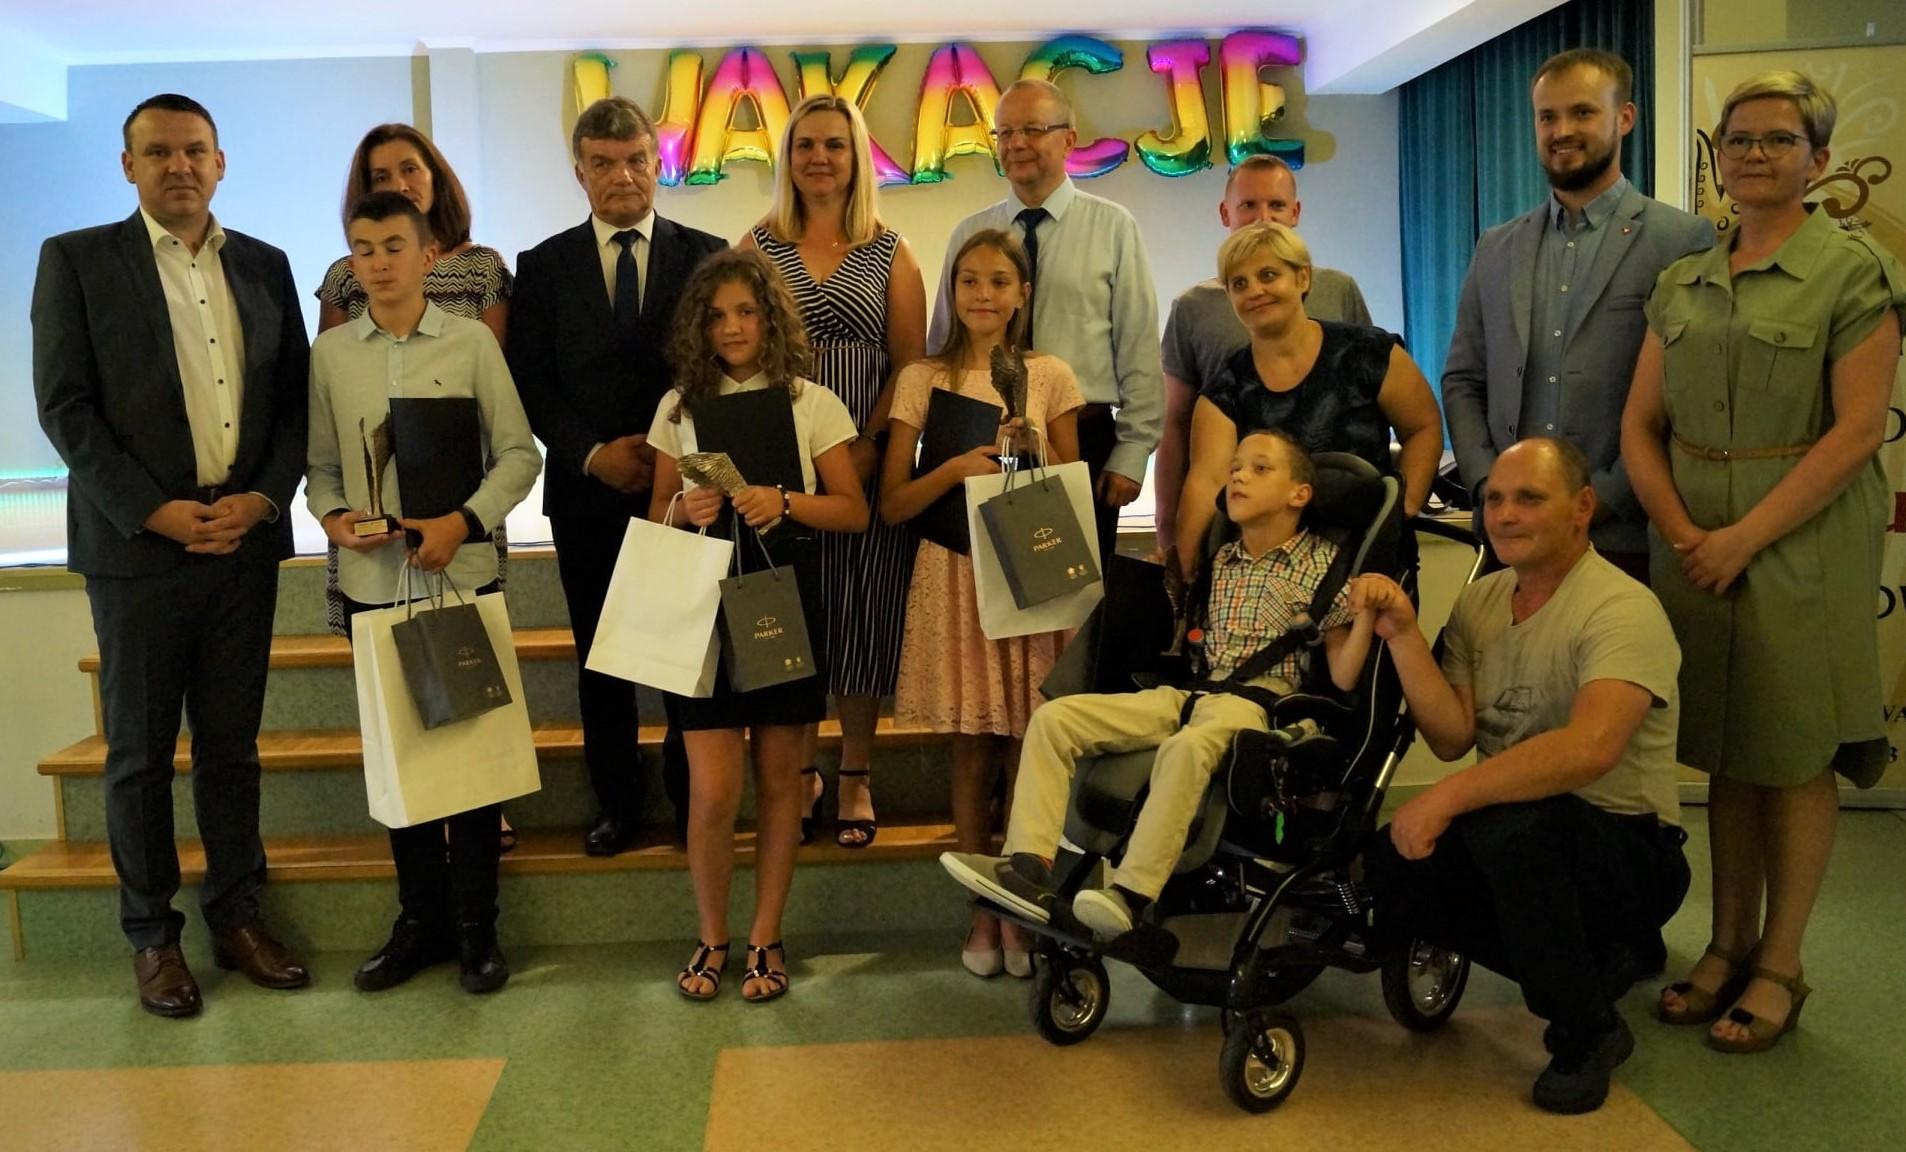 Najlepsi z najlepszych w gminie Borowa [ZDJĘCIA, NAZWISKA] - Zdjęcie główne